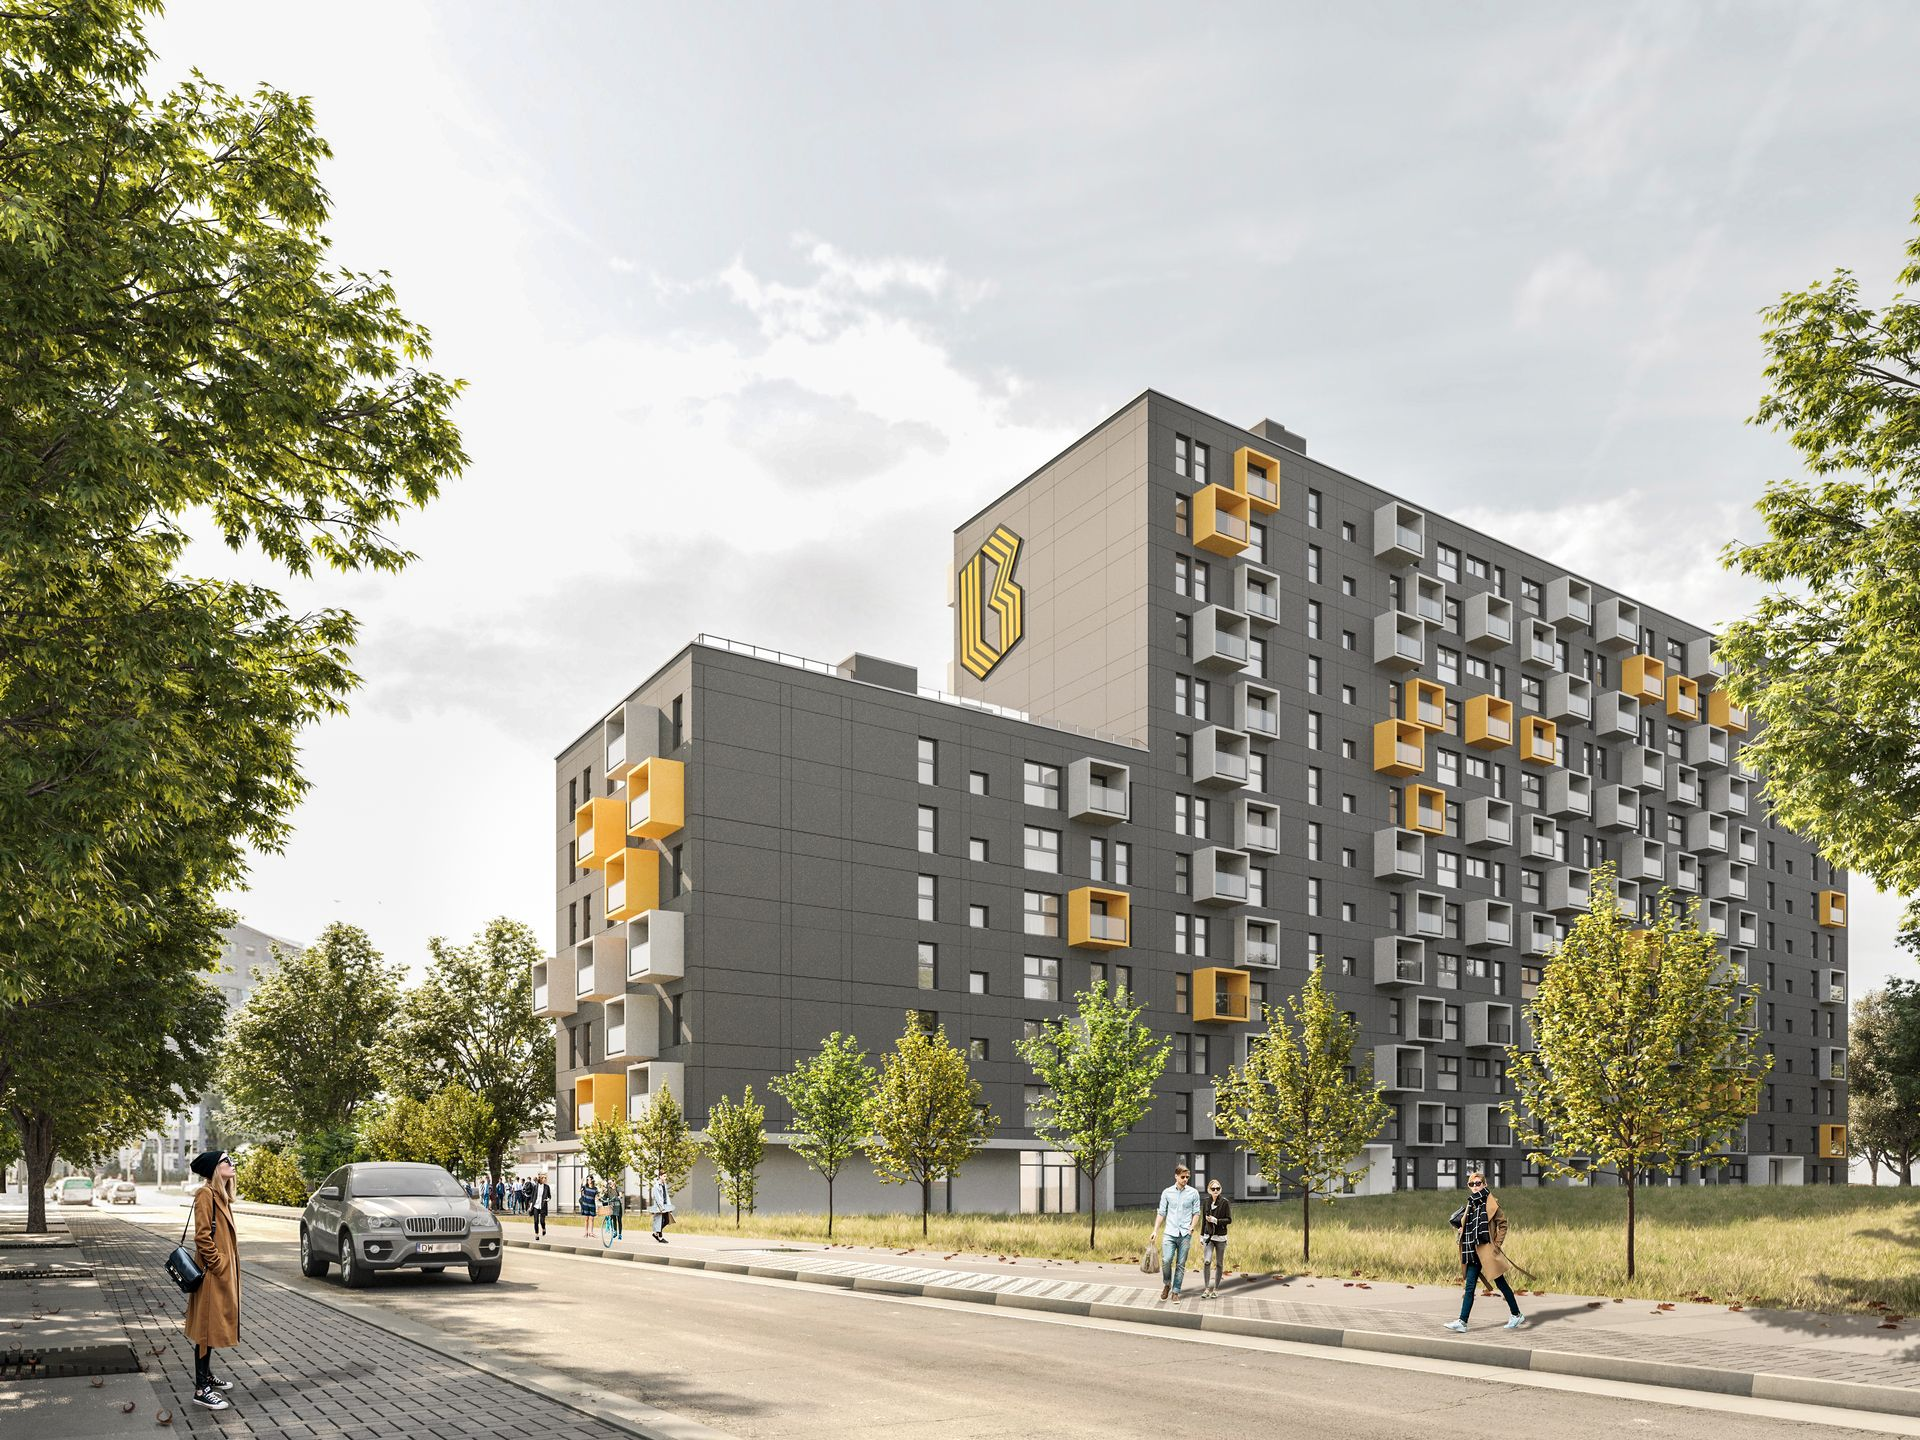 B Urban. Inwestuj w nieruchomości we Wrocławiu i zarabiaj [FILM]